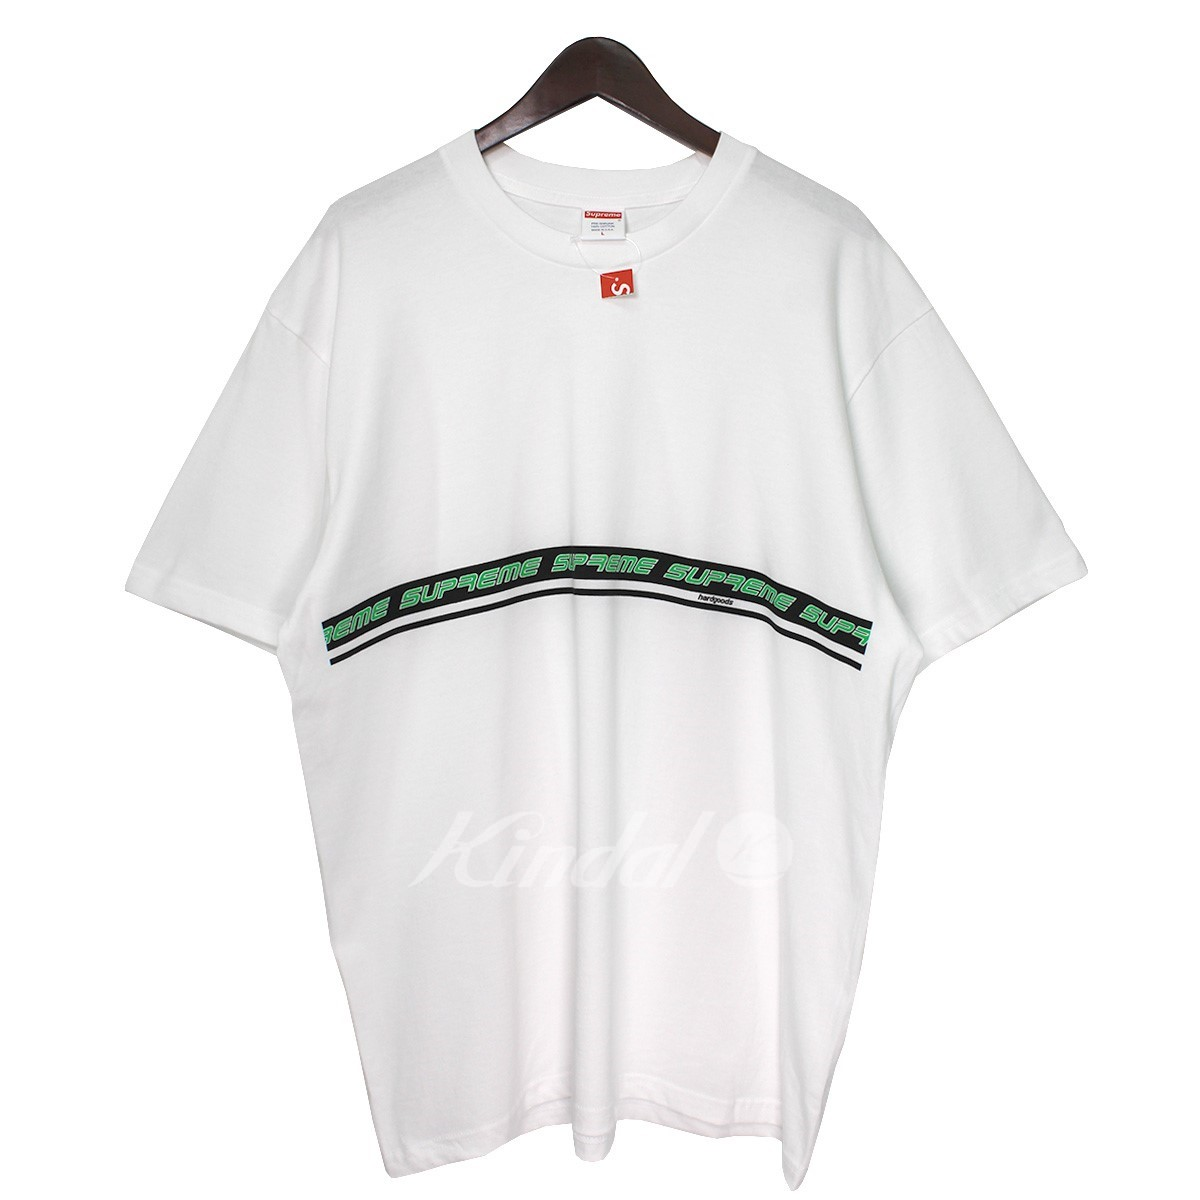 【中古】SUPREME 19SS Hard Goods Tee ハードグッズラインロゴTシャツ ホワイト サイズ:L 【100519】(シュプリーム)